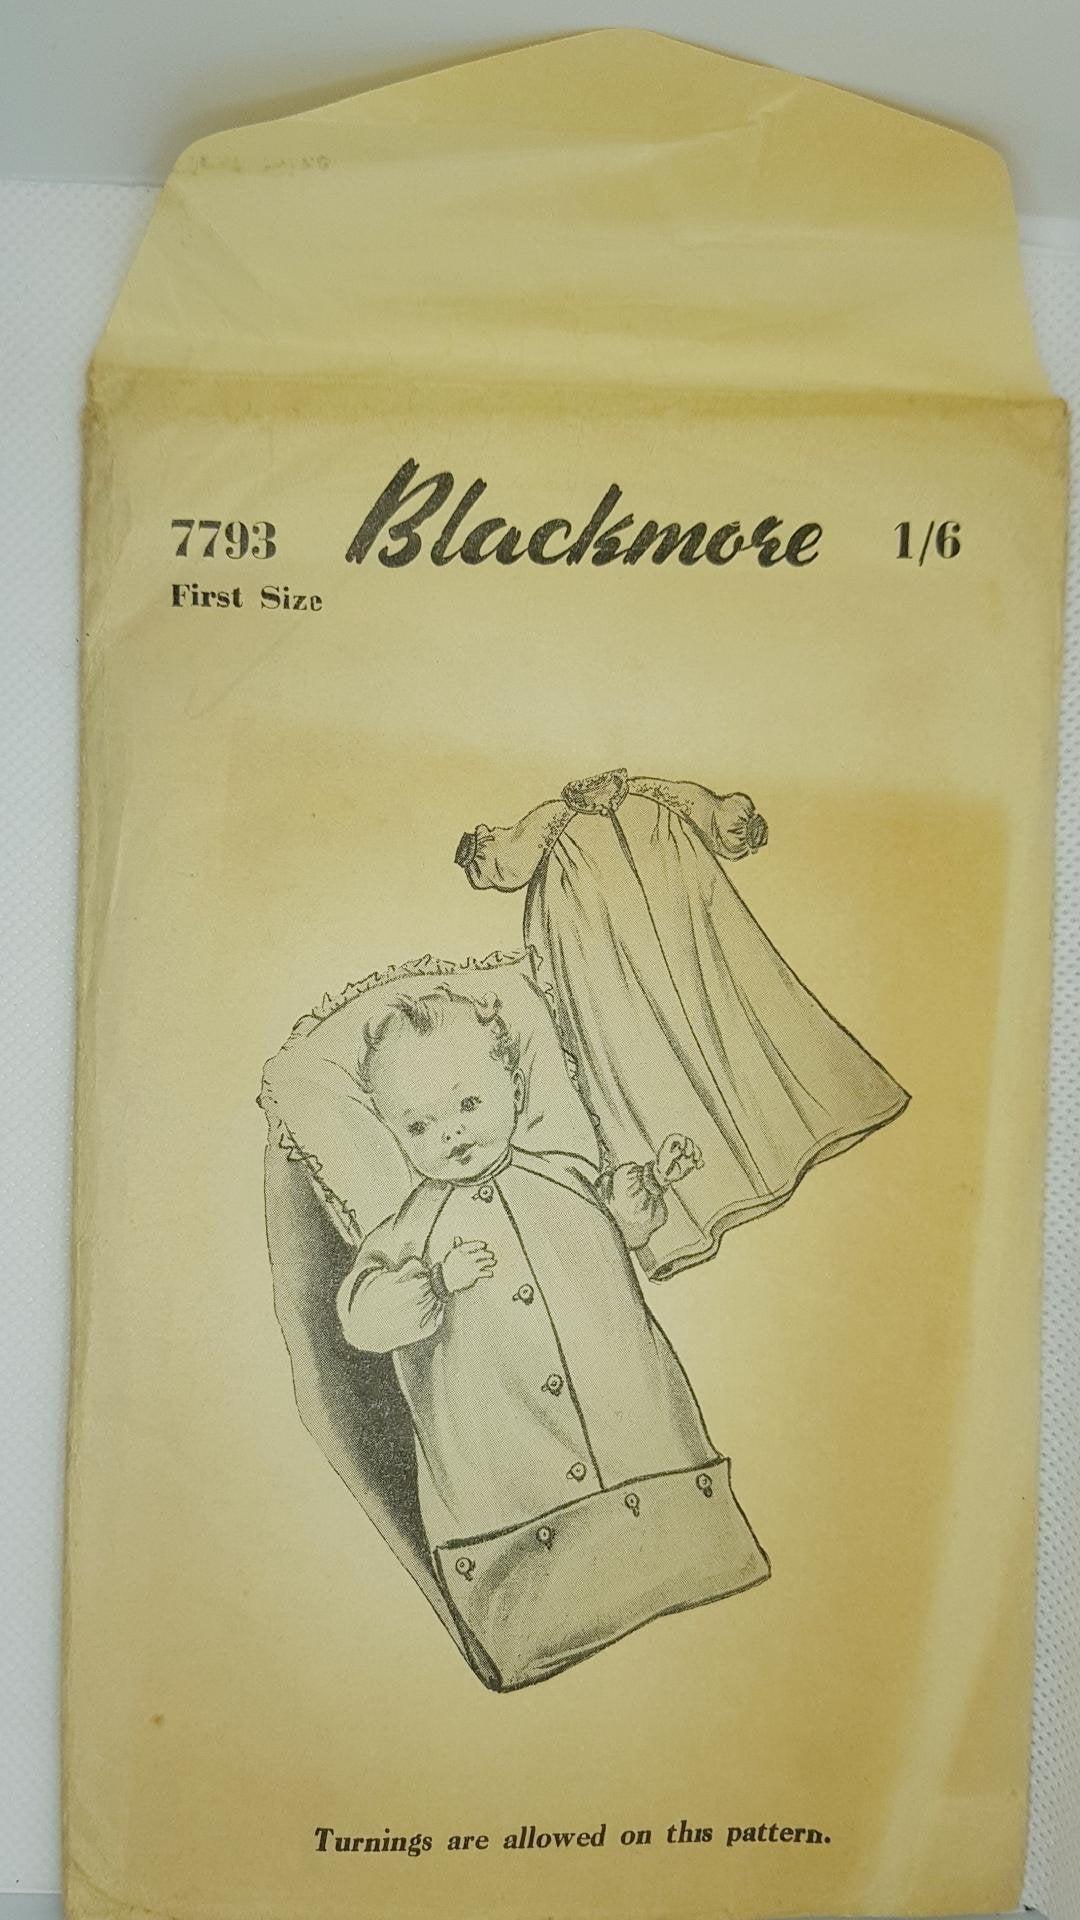 Blackmore 7793